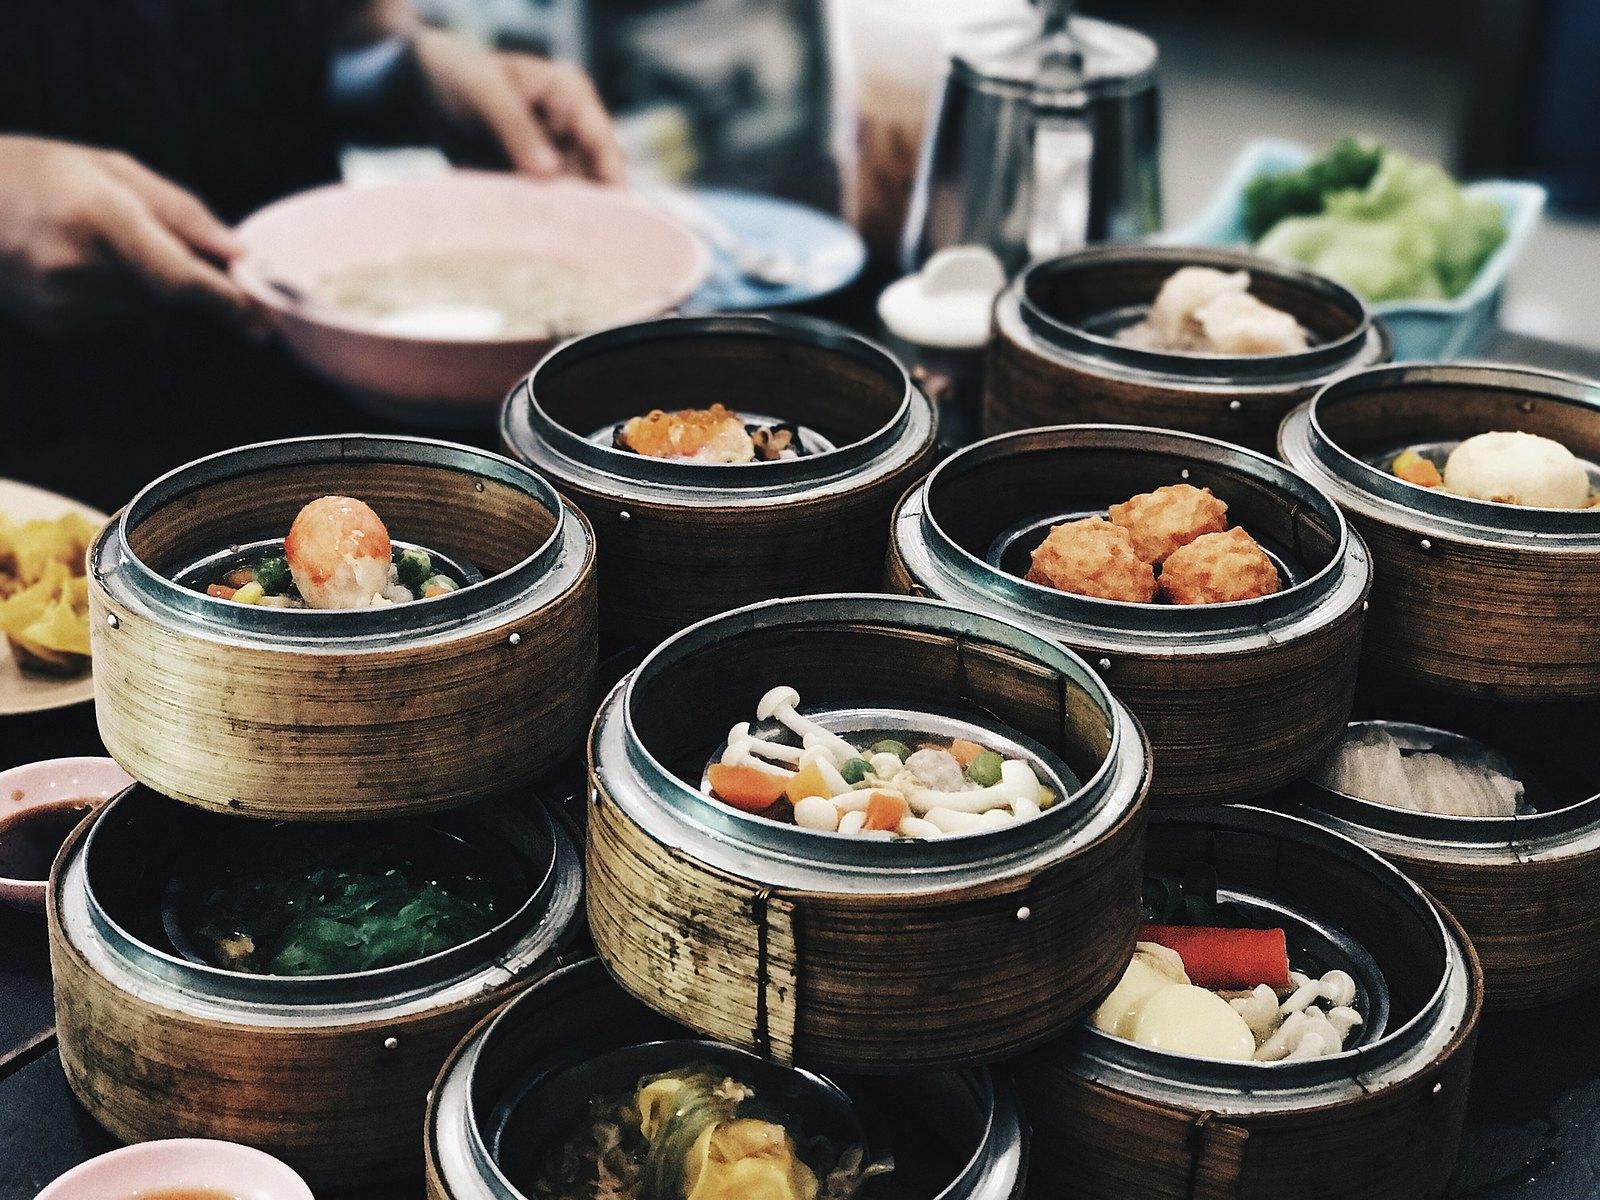 La Maison Kam Fung dim sum bouchées bouffe repas restaurant asiatique